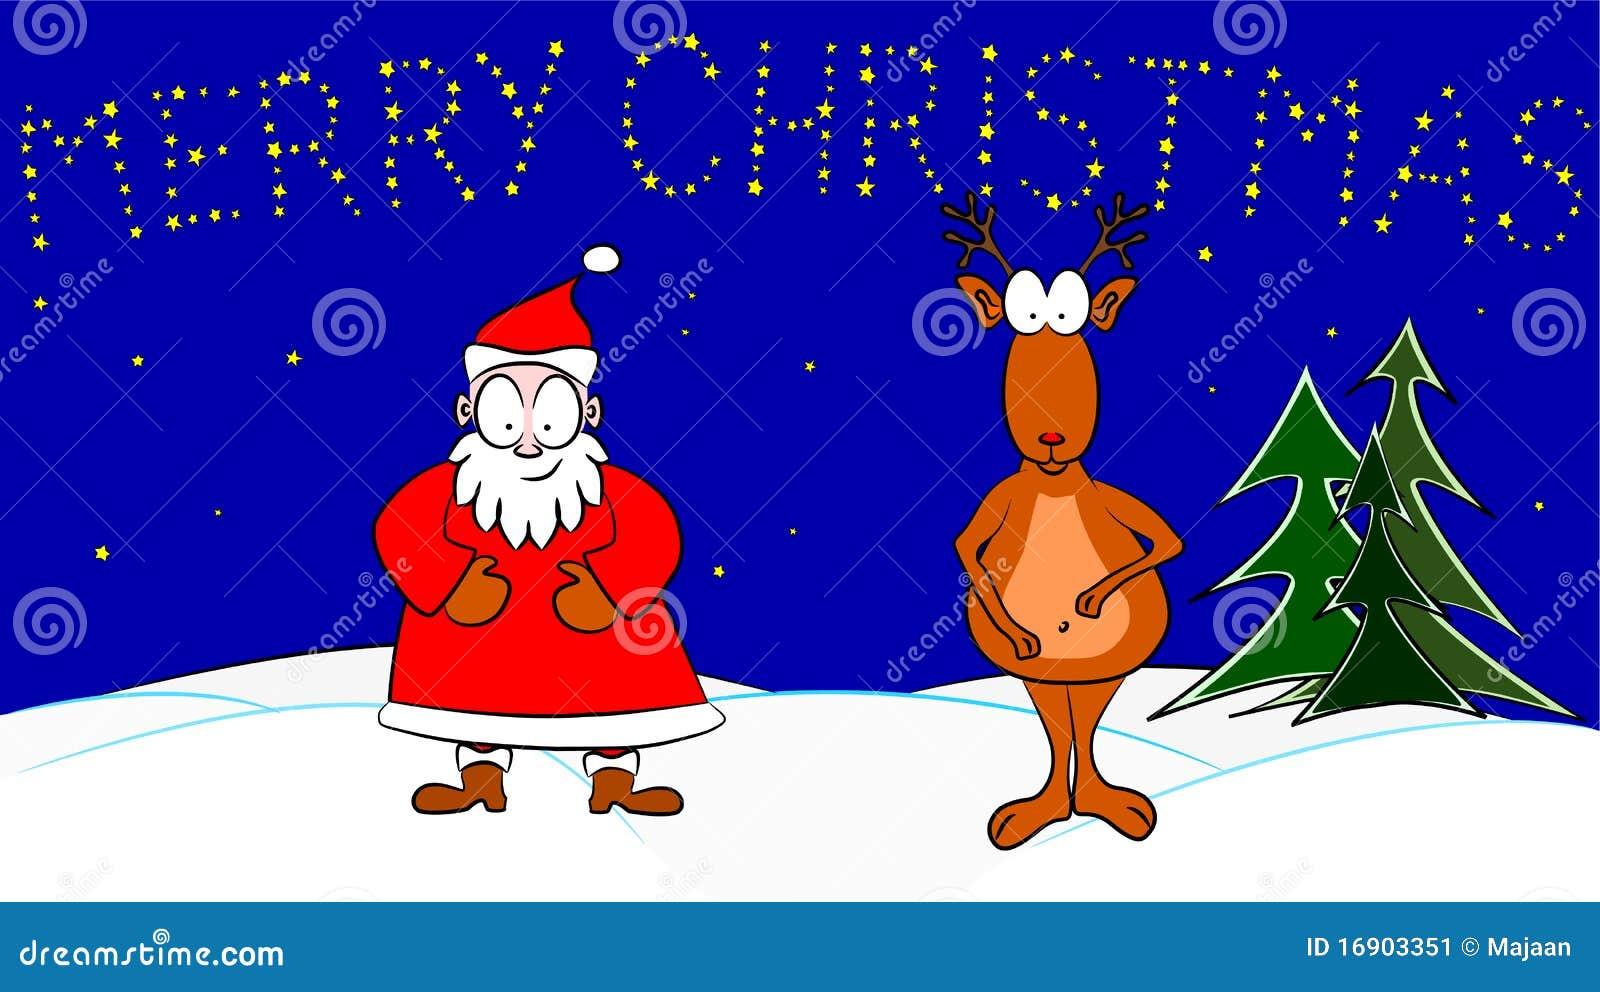 Rudolph La Renna Di Babbo Natale.Il Babbo Natale E Rudolph La Renna Col Naso Rosso Illustrazione